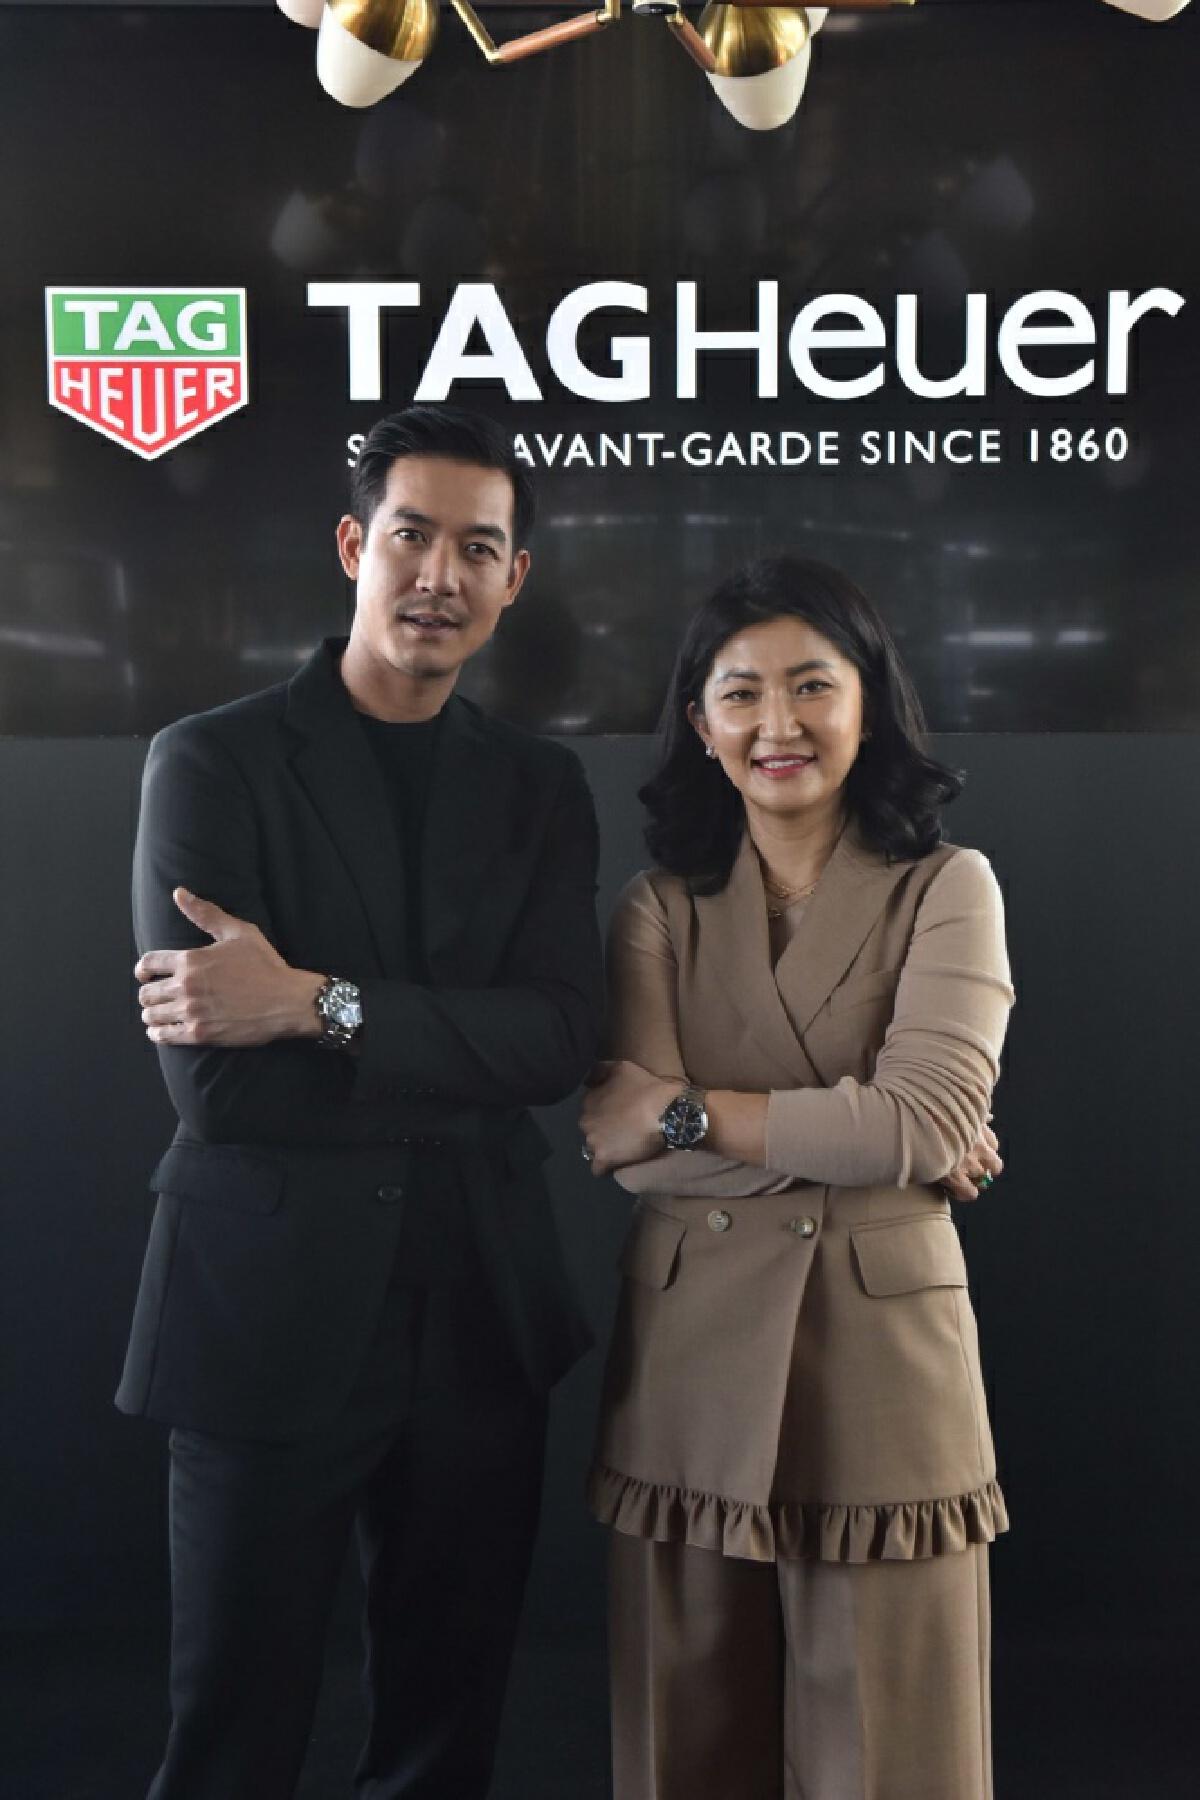 บอสหญิงแปซิฟิกา นำทีม 2 แบรนด์ยักษ์ใหญ่ระดับโลก TAG Heuer ร่วมกับ Porsche สร้างประวัติศาสตร์ครั้งใหม่ รังสรรค์นาฬิกาหรู